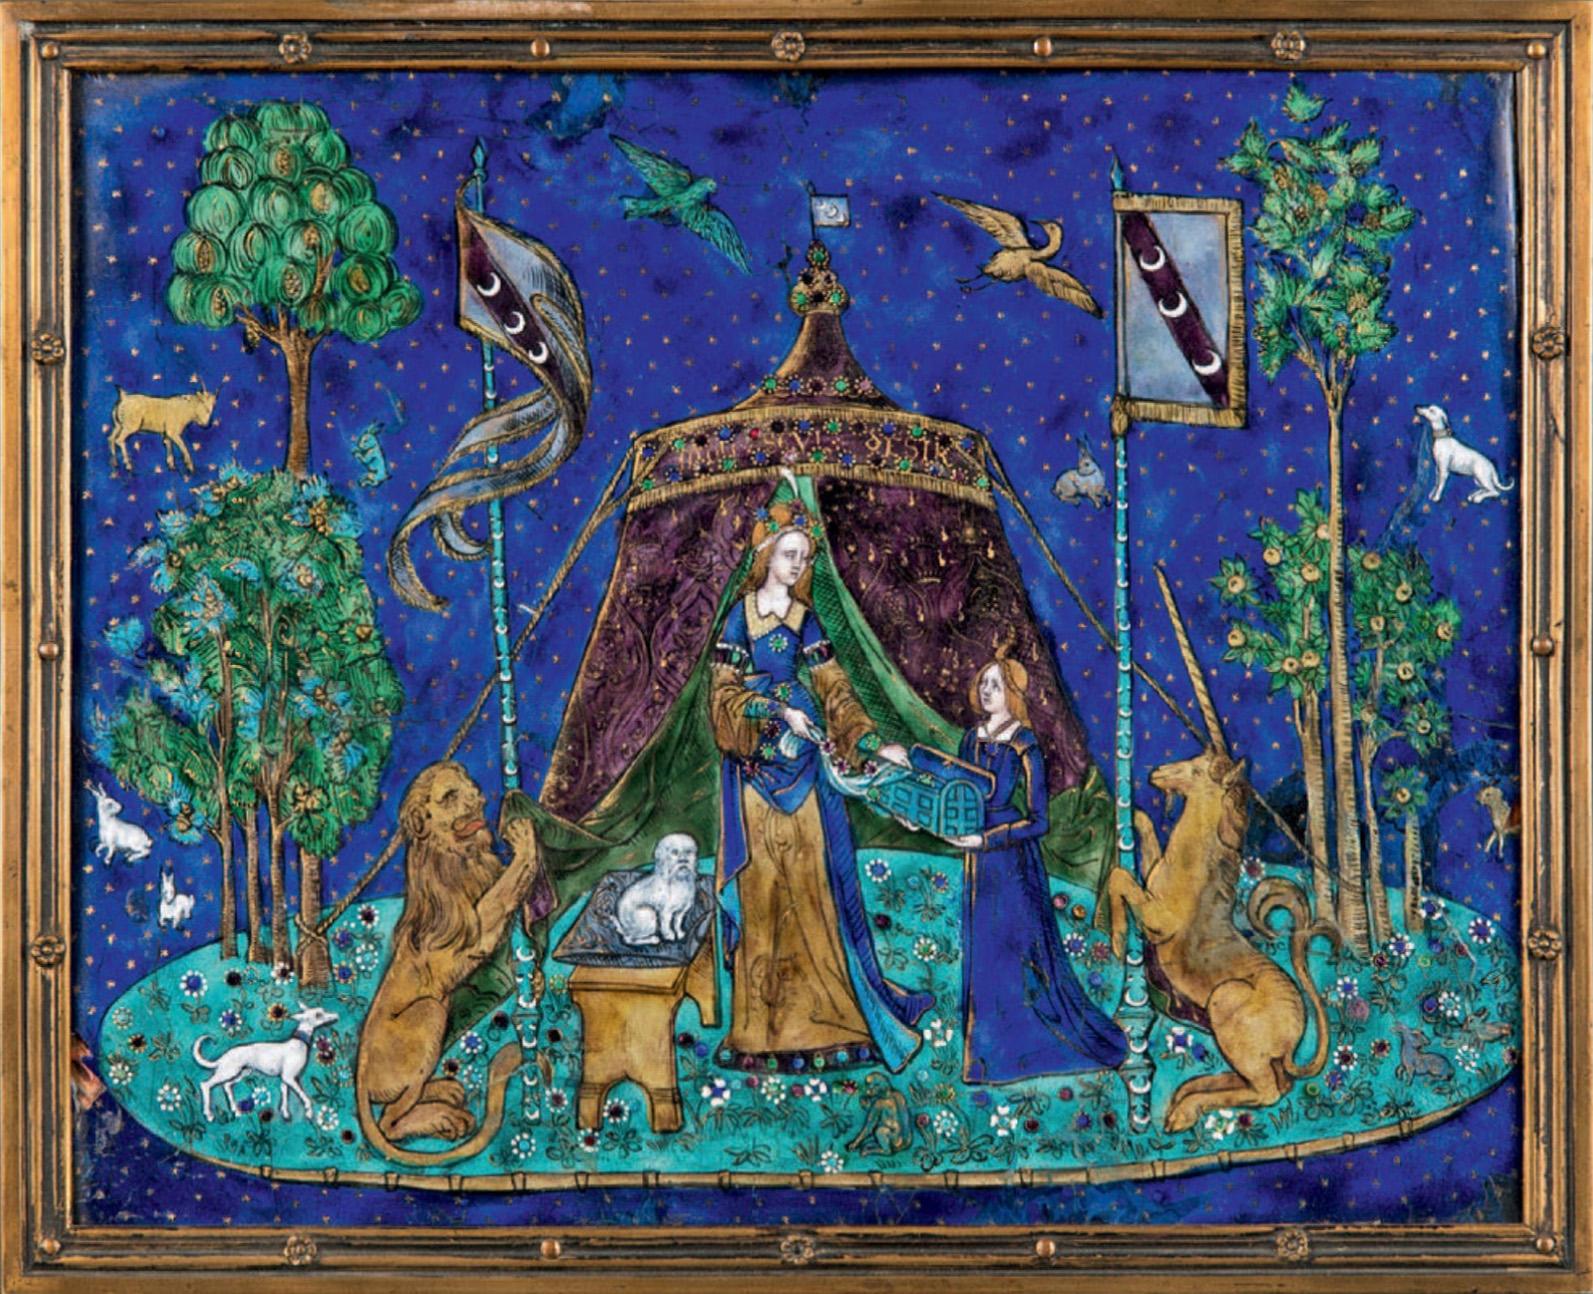 1375€ Importante plaqueen émaux peints représentant«La Dame à la licorne», XIXesiècle, cadre en bronze doré rythméde fleurettes, 22